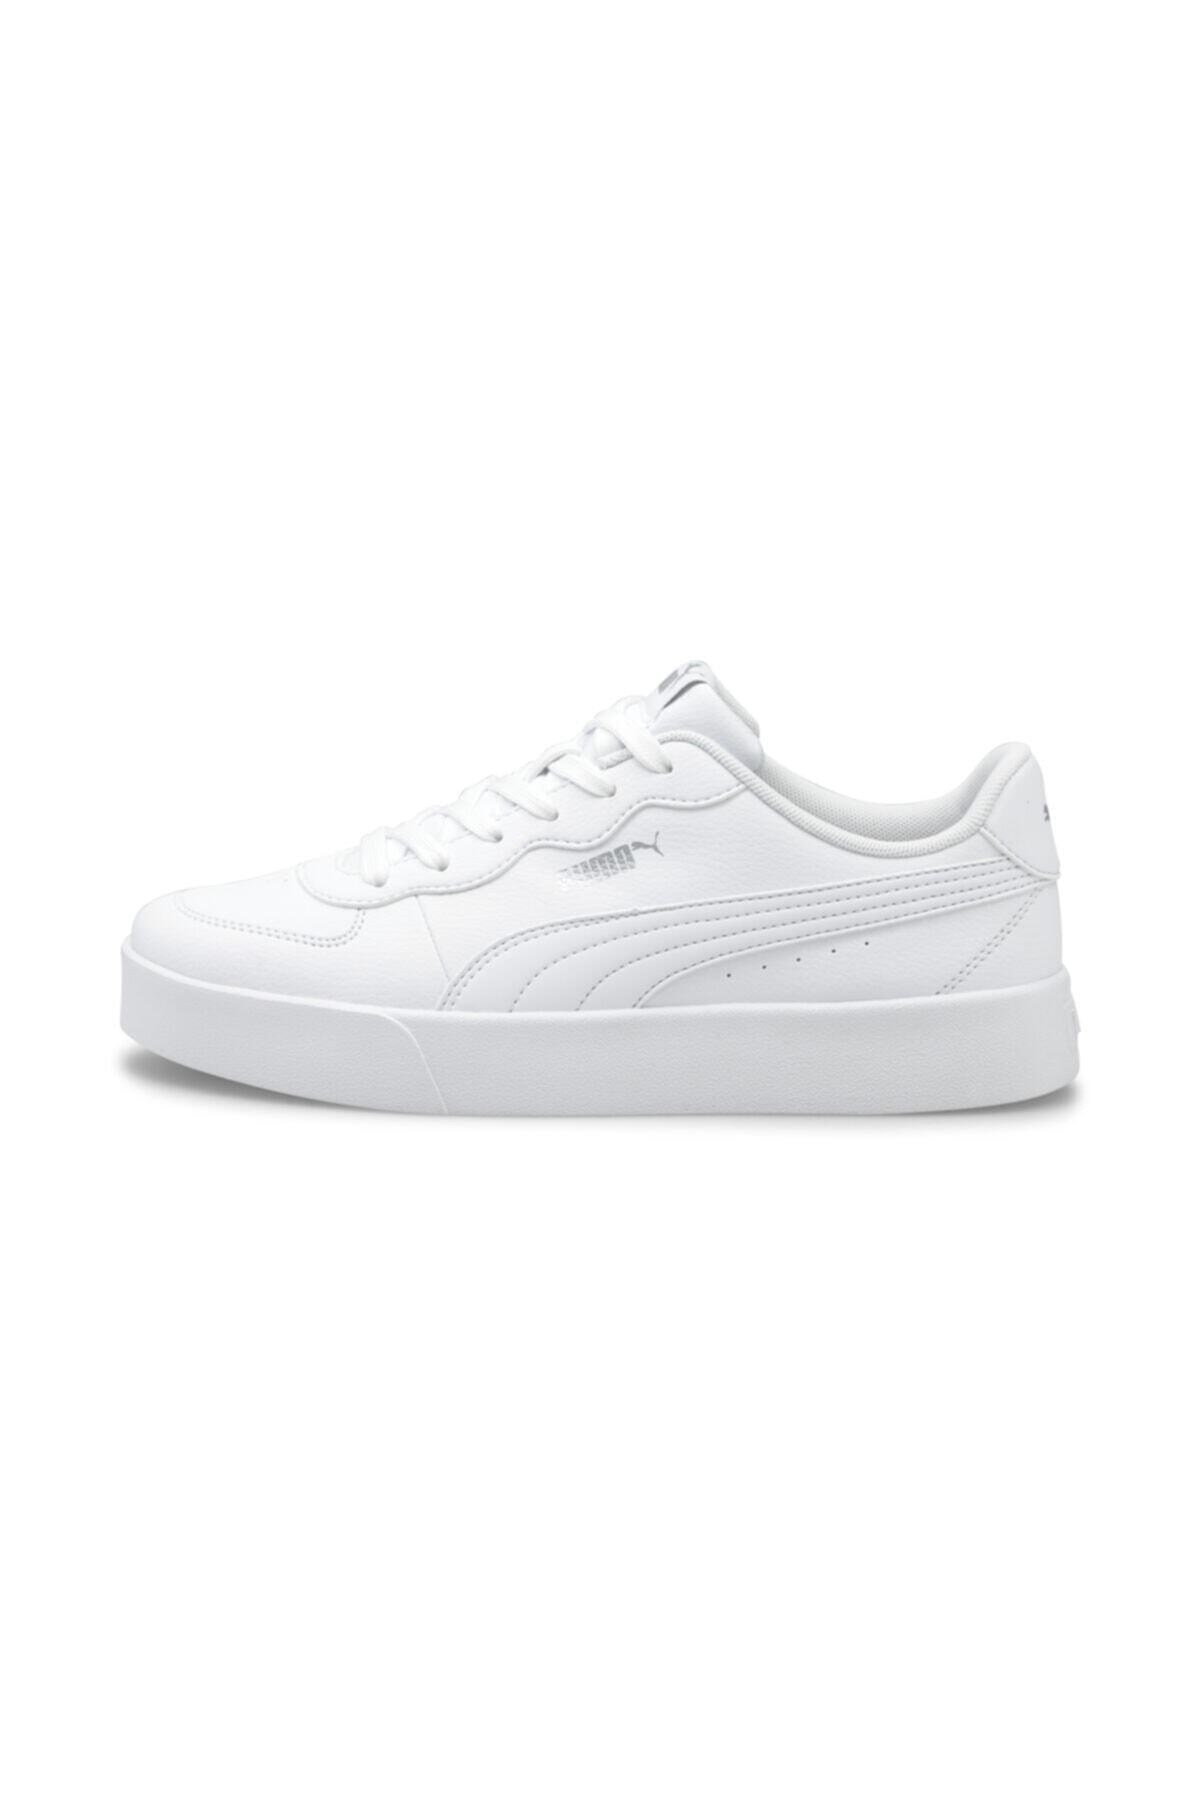 Puma SKYE CLEAN Beyaz Kadın Sneaker Ayakkabı 101085505 1